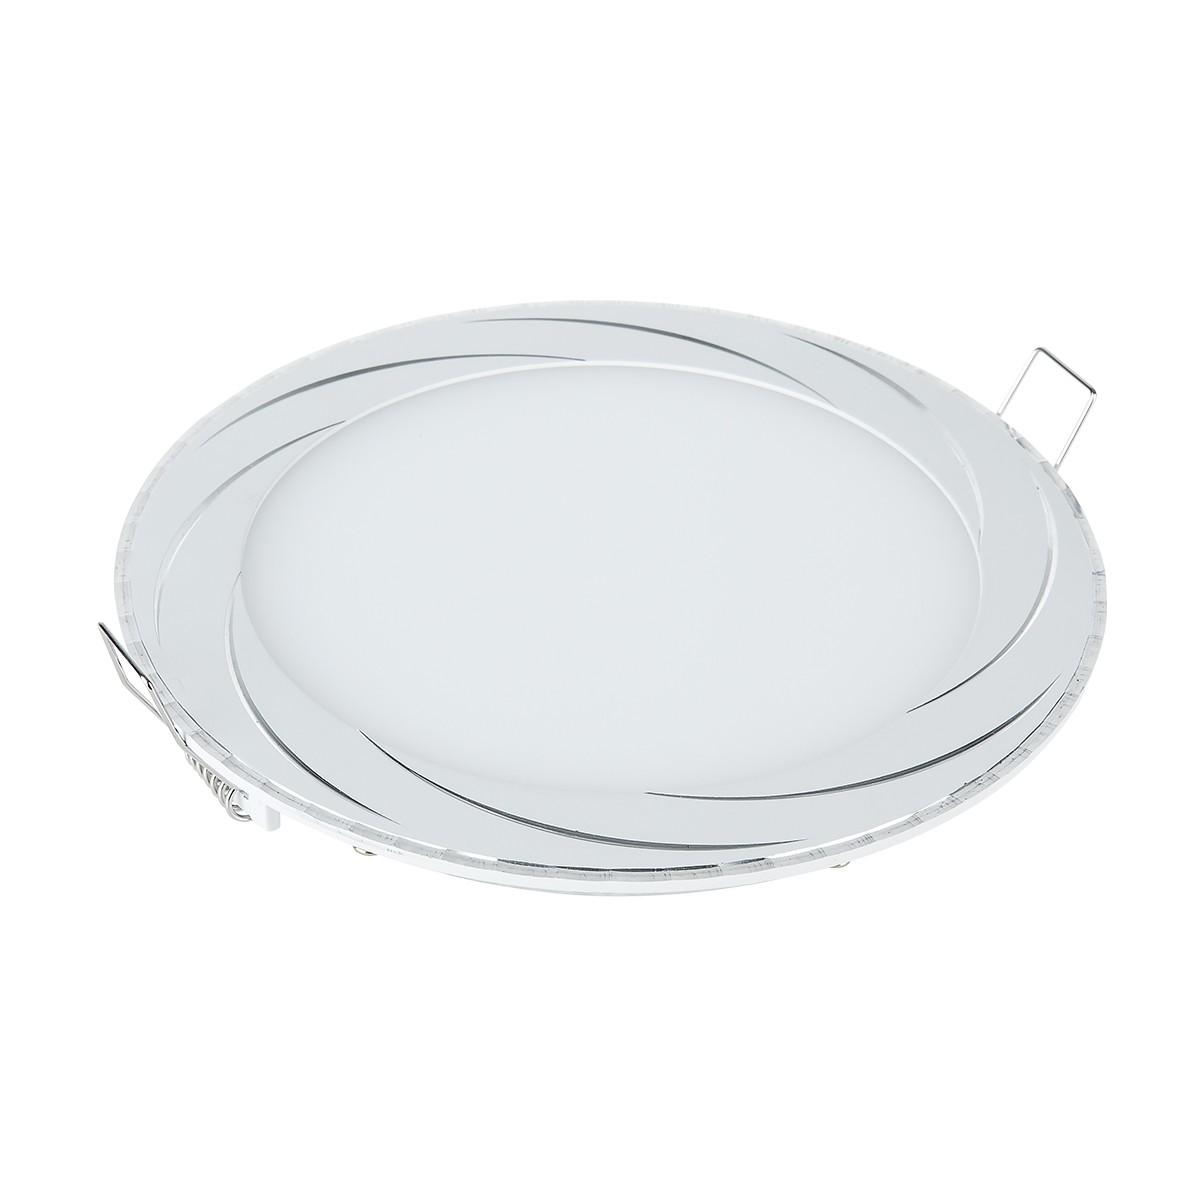 Дополнительное фото 1 товара Встраиваемый светильник Elektrostandard Downlight a035362